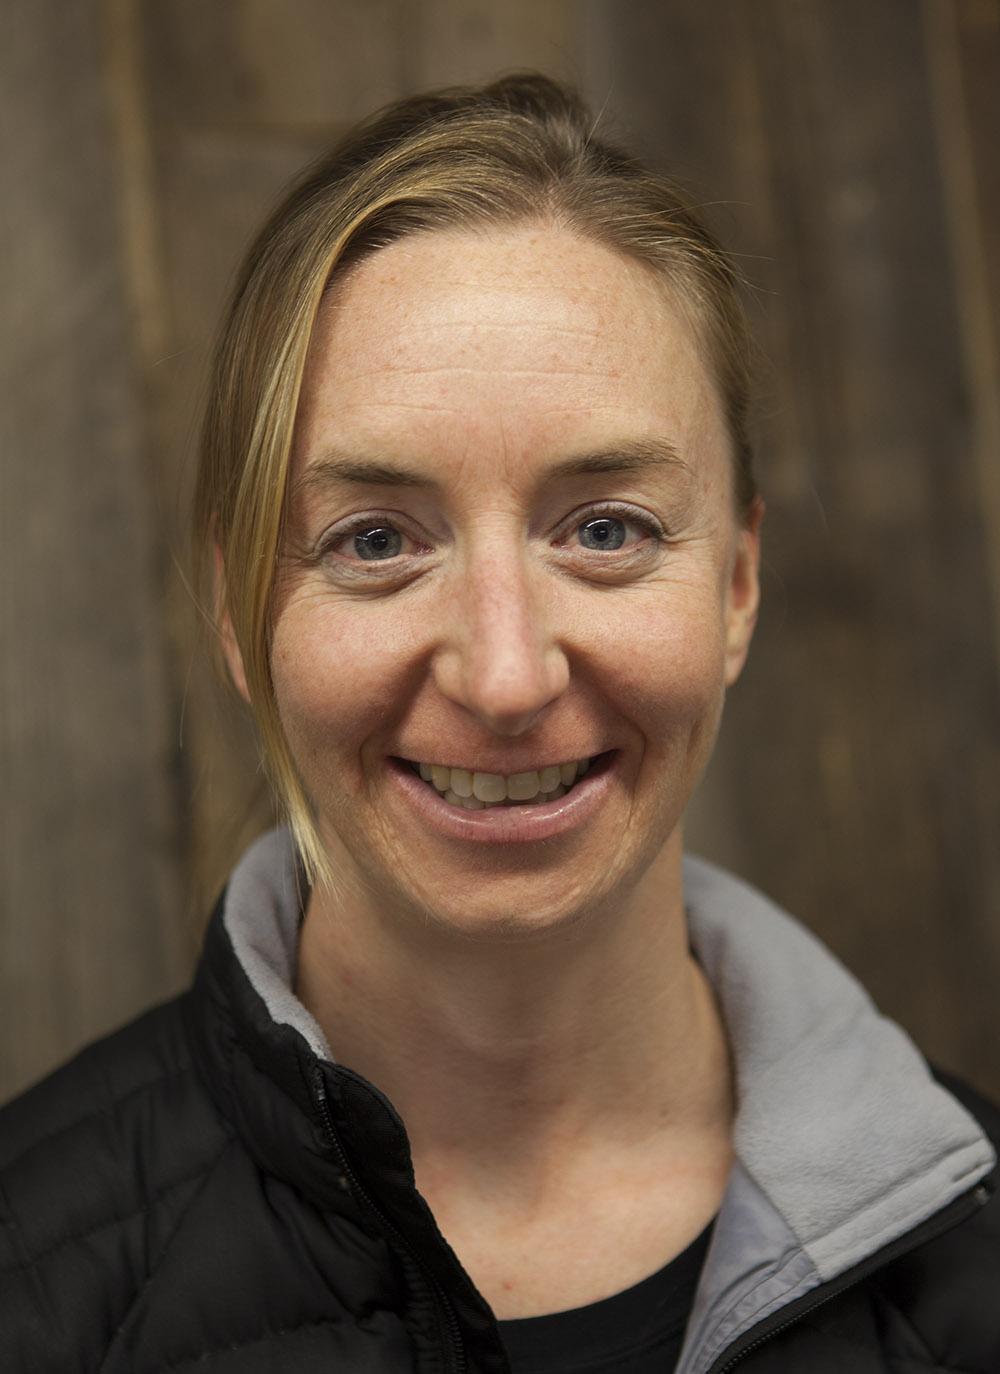 Katie Herrell